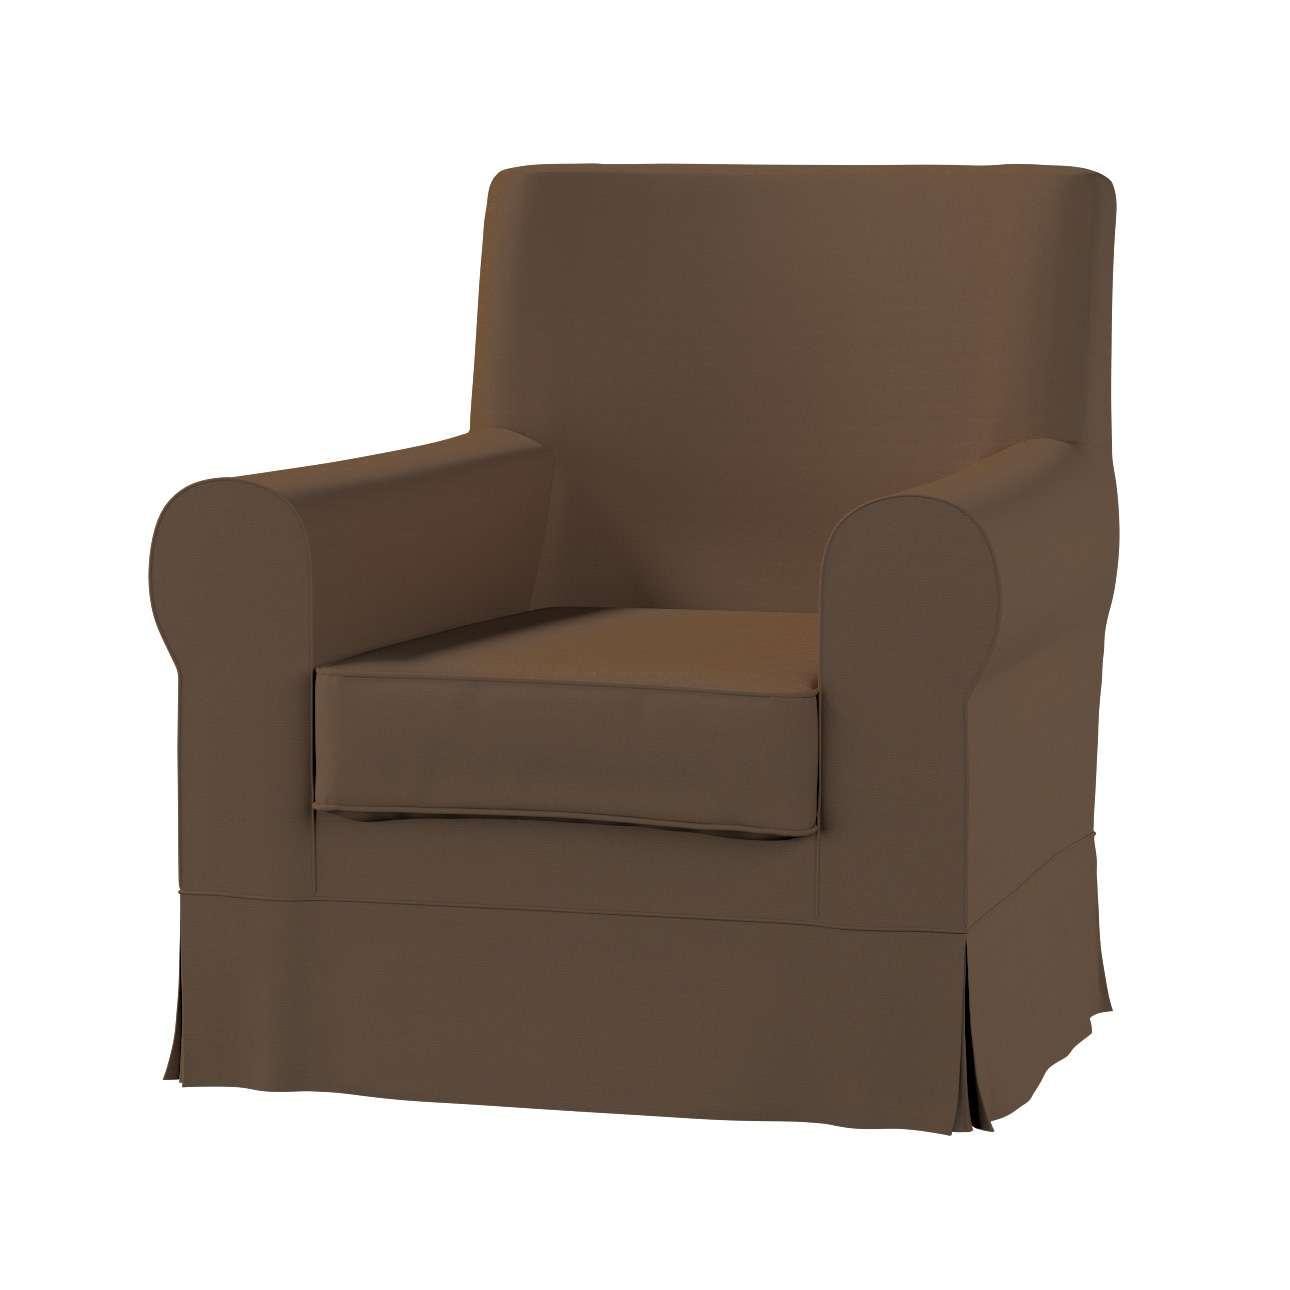 Ektorp Jennylund Sesselbezug Sesselhusse, Ektorp Jennylund von der Kollektion Cotton Panama, Stoff: 702-02